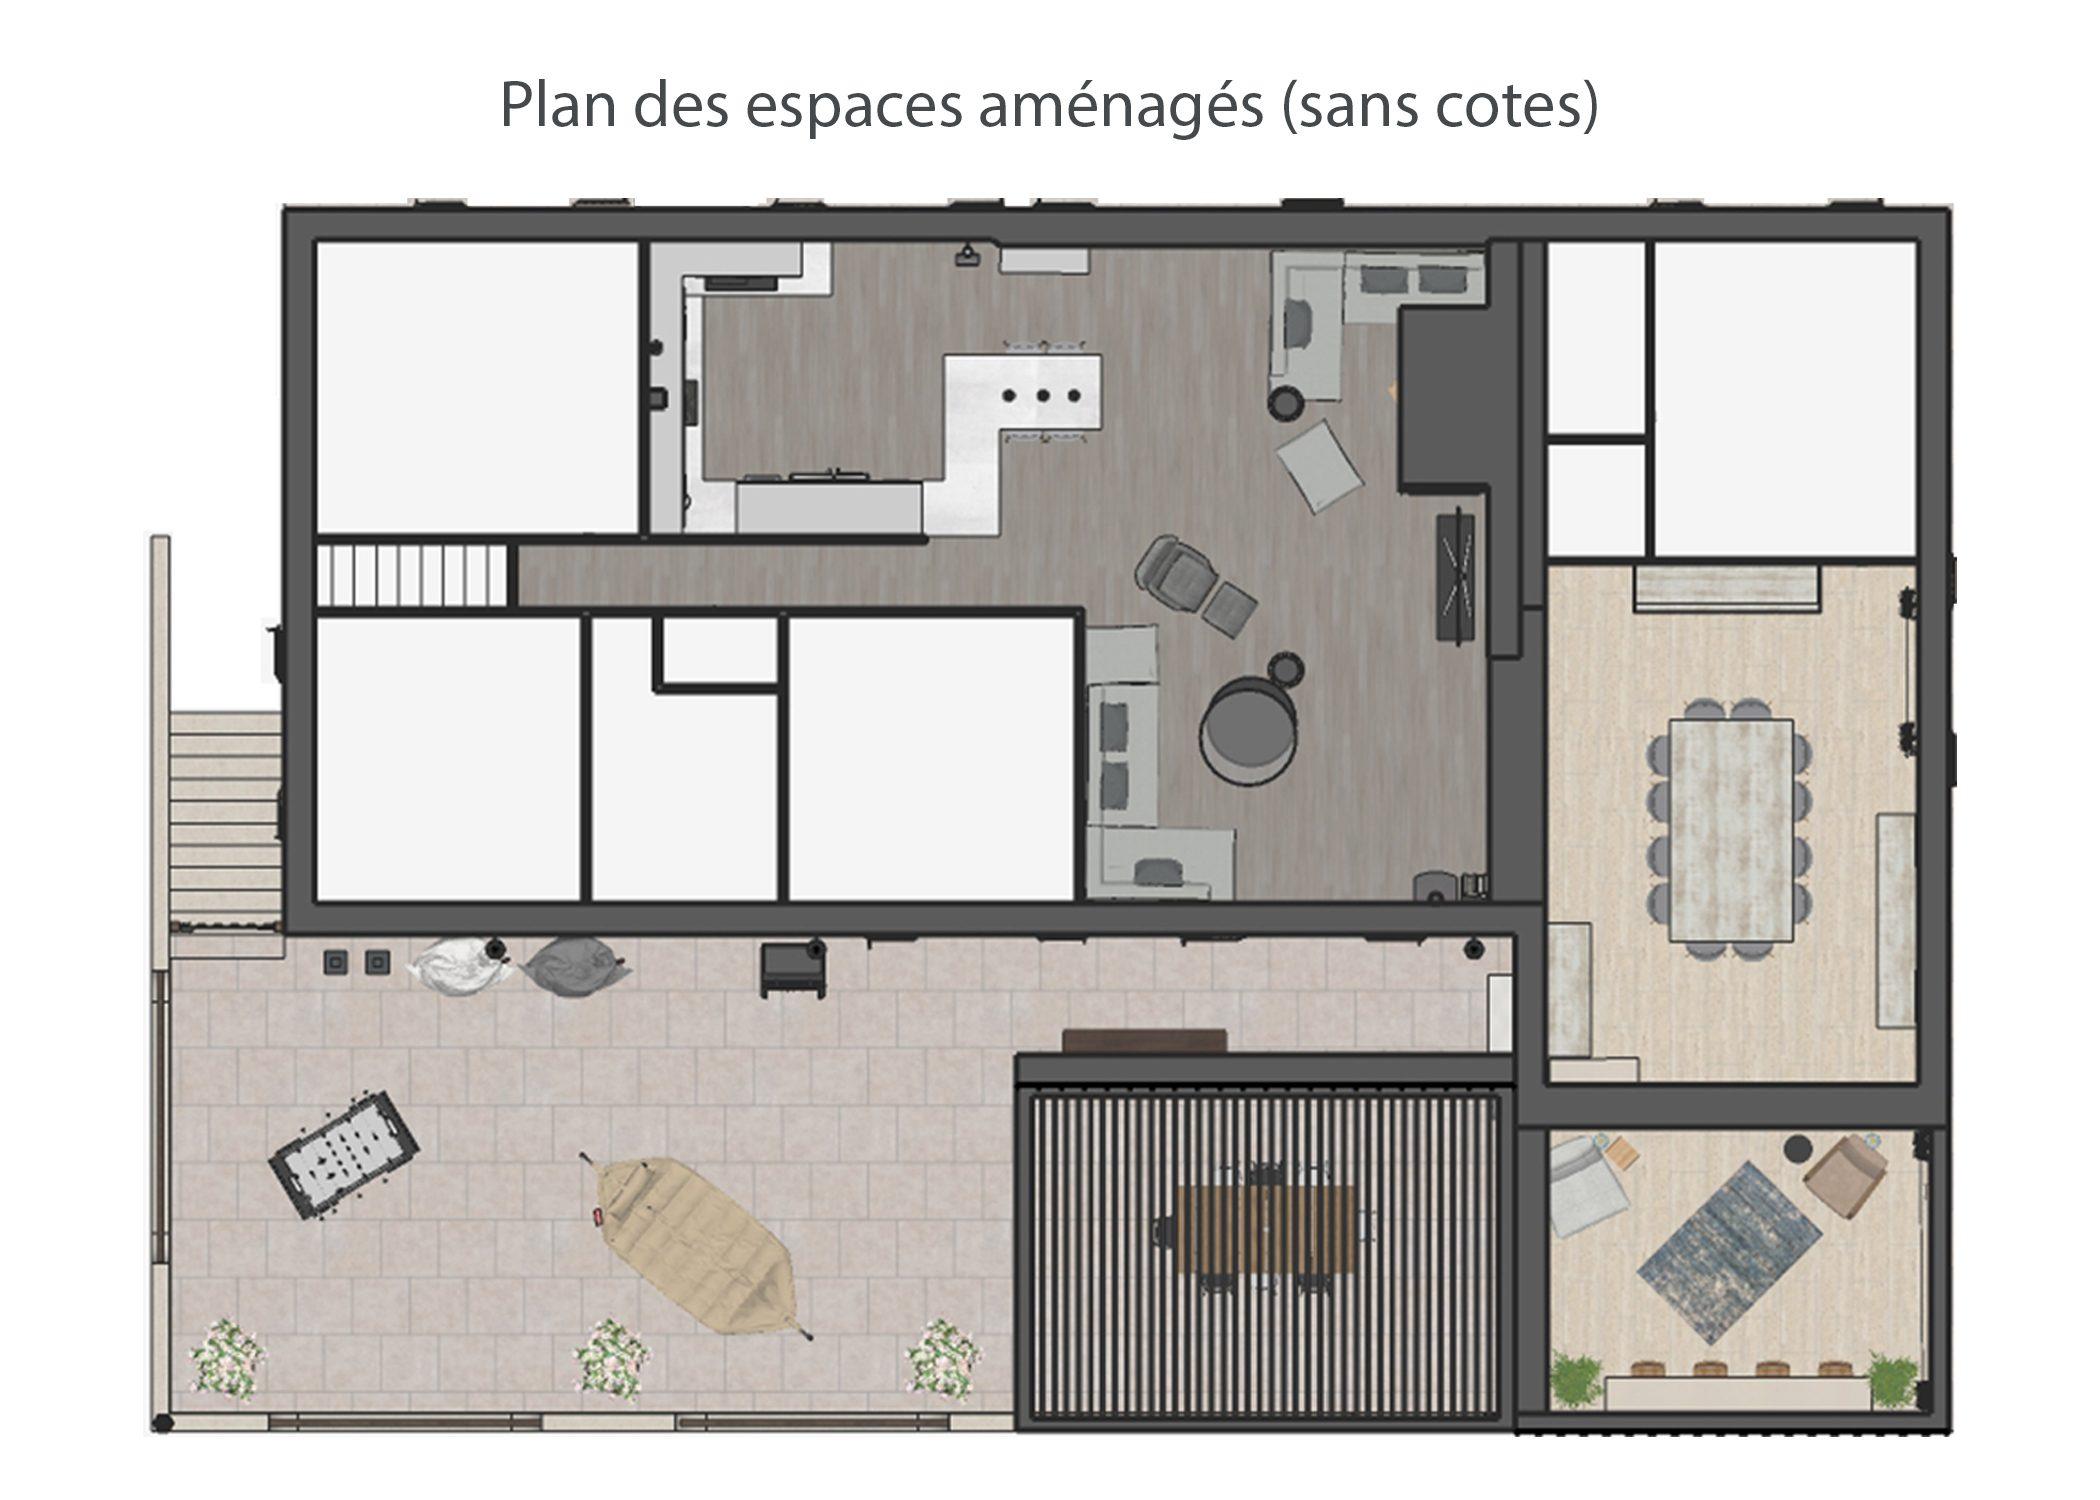 amenagement-decoration-espace de vie et terrasse fuveau-plan espaces amenages-dekho design